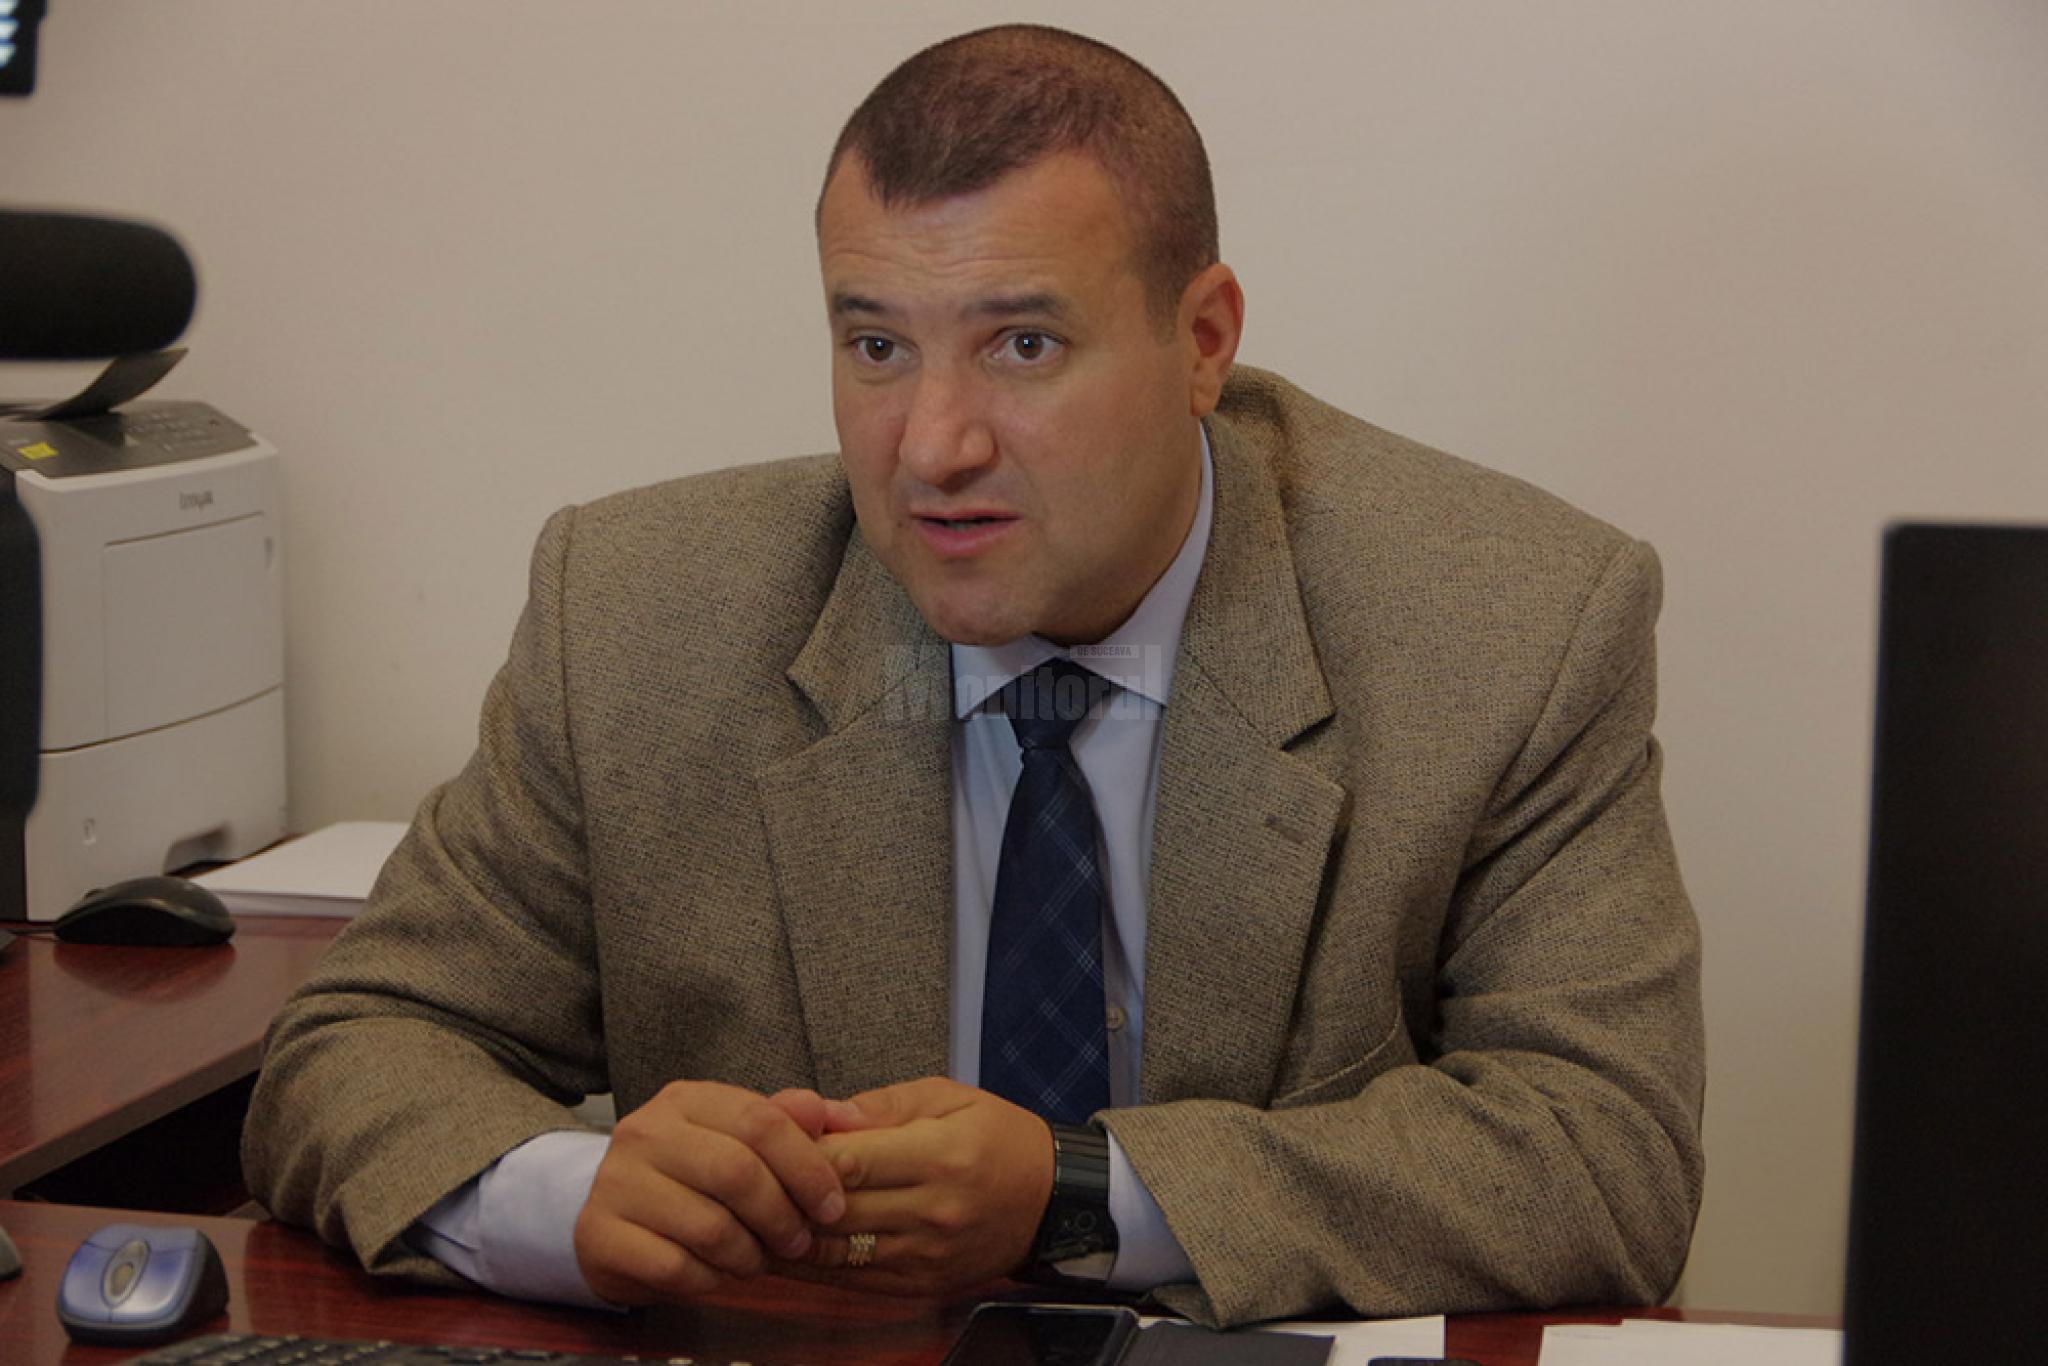 Adevarata avere a comisarului sef Radu Ionut Obreja fostul sef de la Permise si Inmatriculari